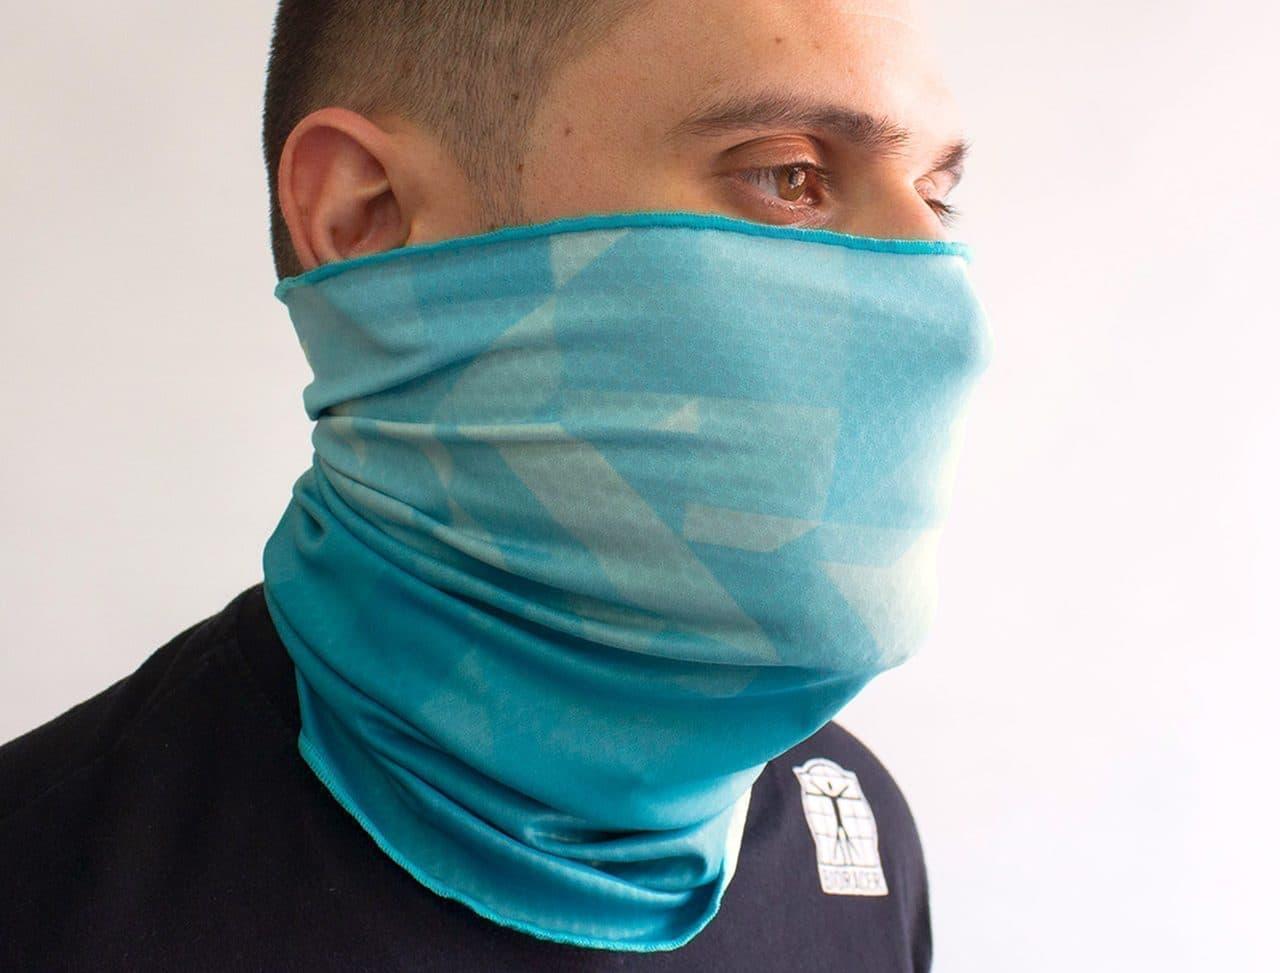 自転車ウェアメーカーが作った夏用スポーツマスク発売 - 太陽の熱と紫外線を遮断する涼感素材「coldblack」採用